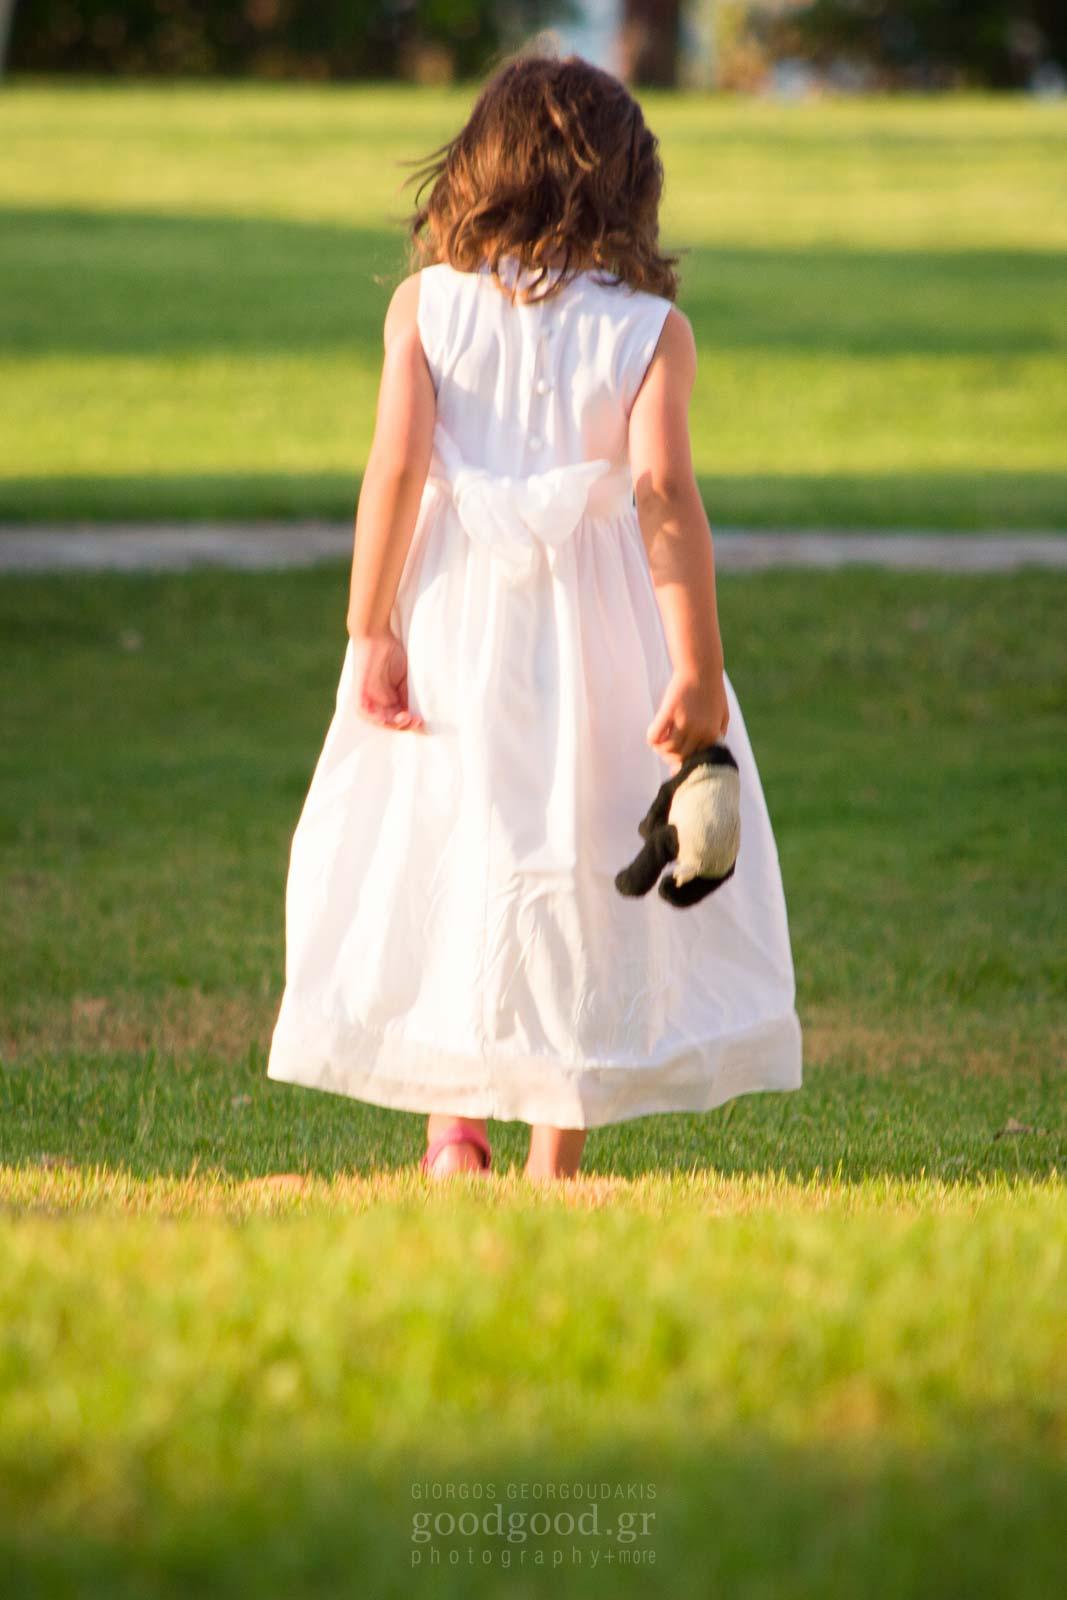 Φωτογραφία βάπτισης ενός κοριτσιού να κρατάει μία κούκλα και να στέκεται στο γρασίδι